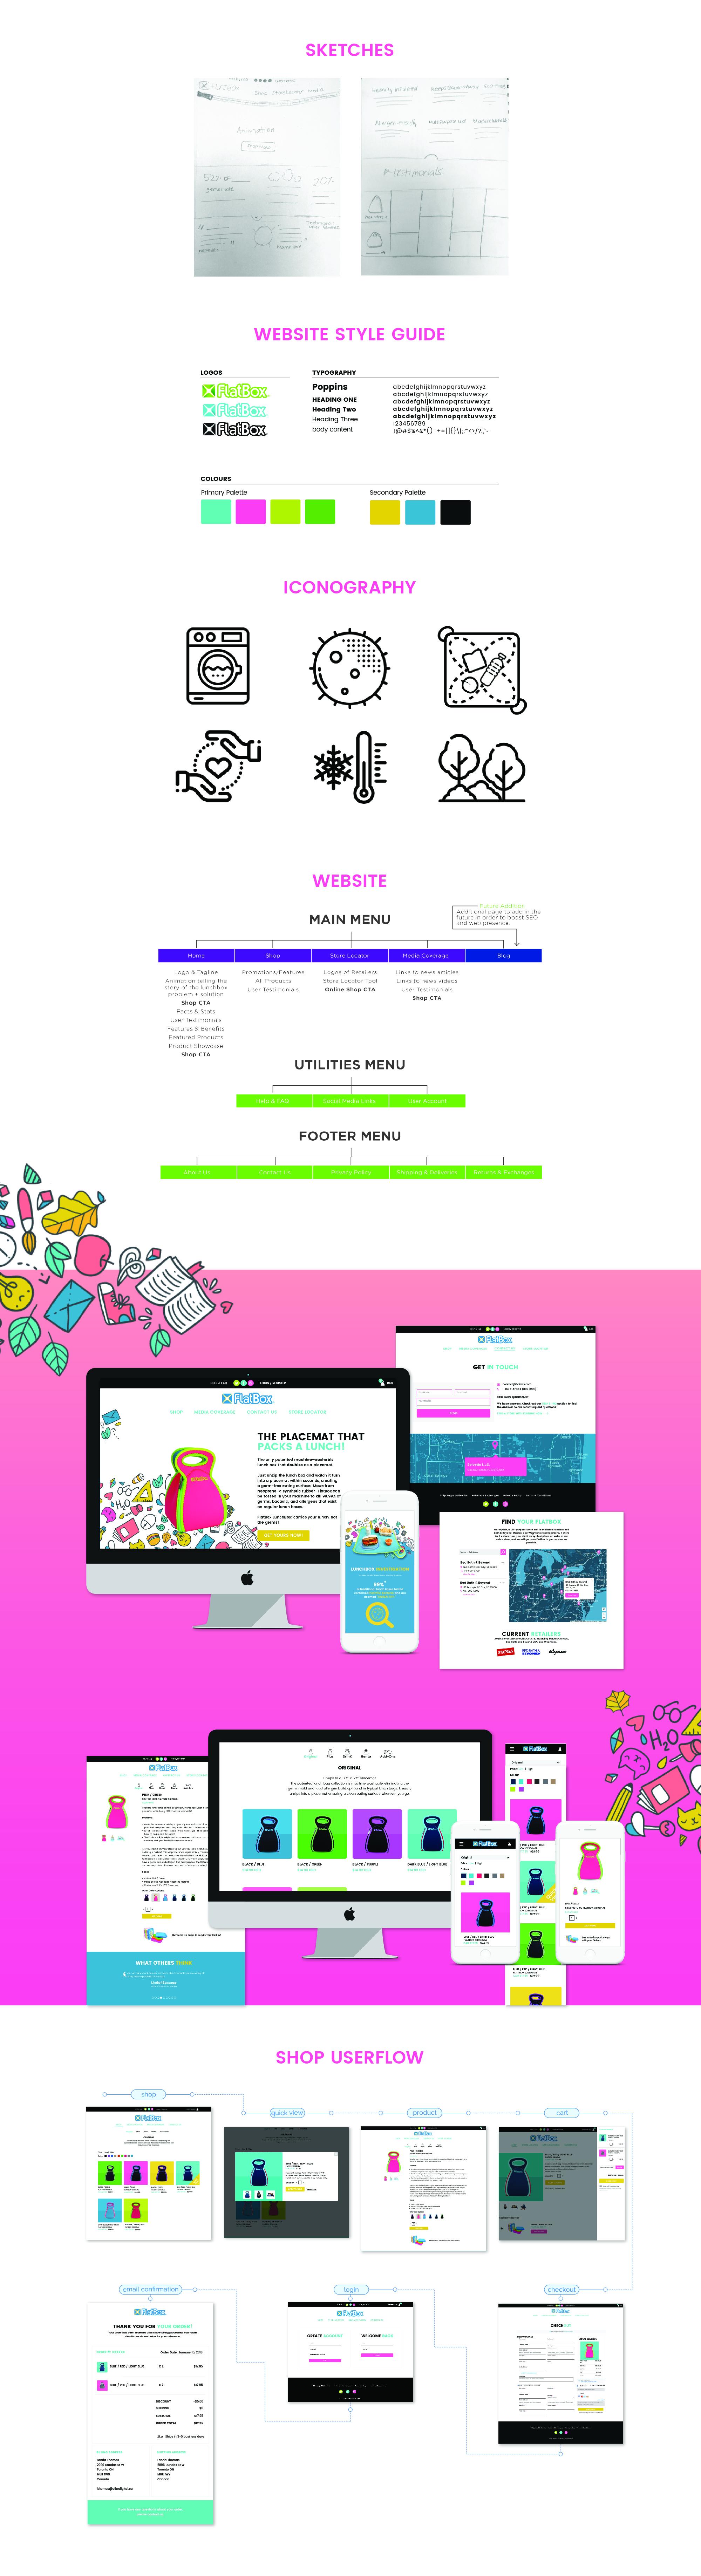 Flatbox website design